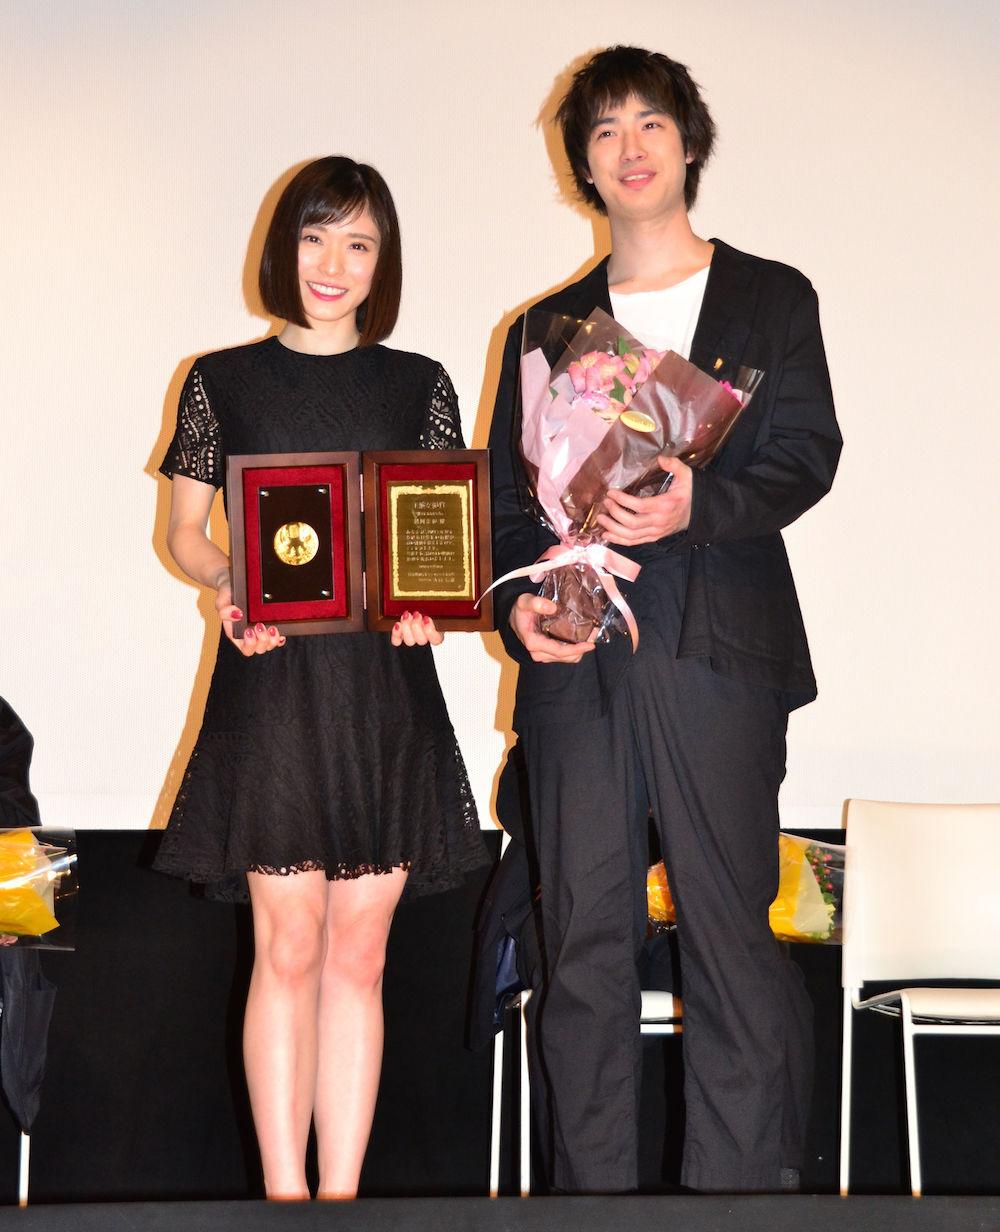 授賞式に出席した松岡茉優と花束プレゼンターで登壇した共演者の渡辺大知